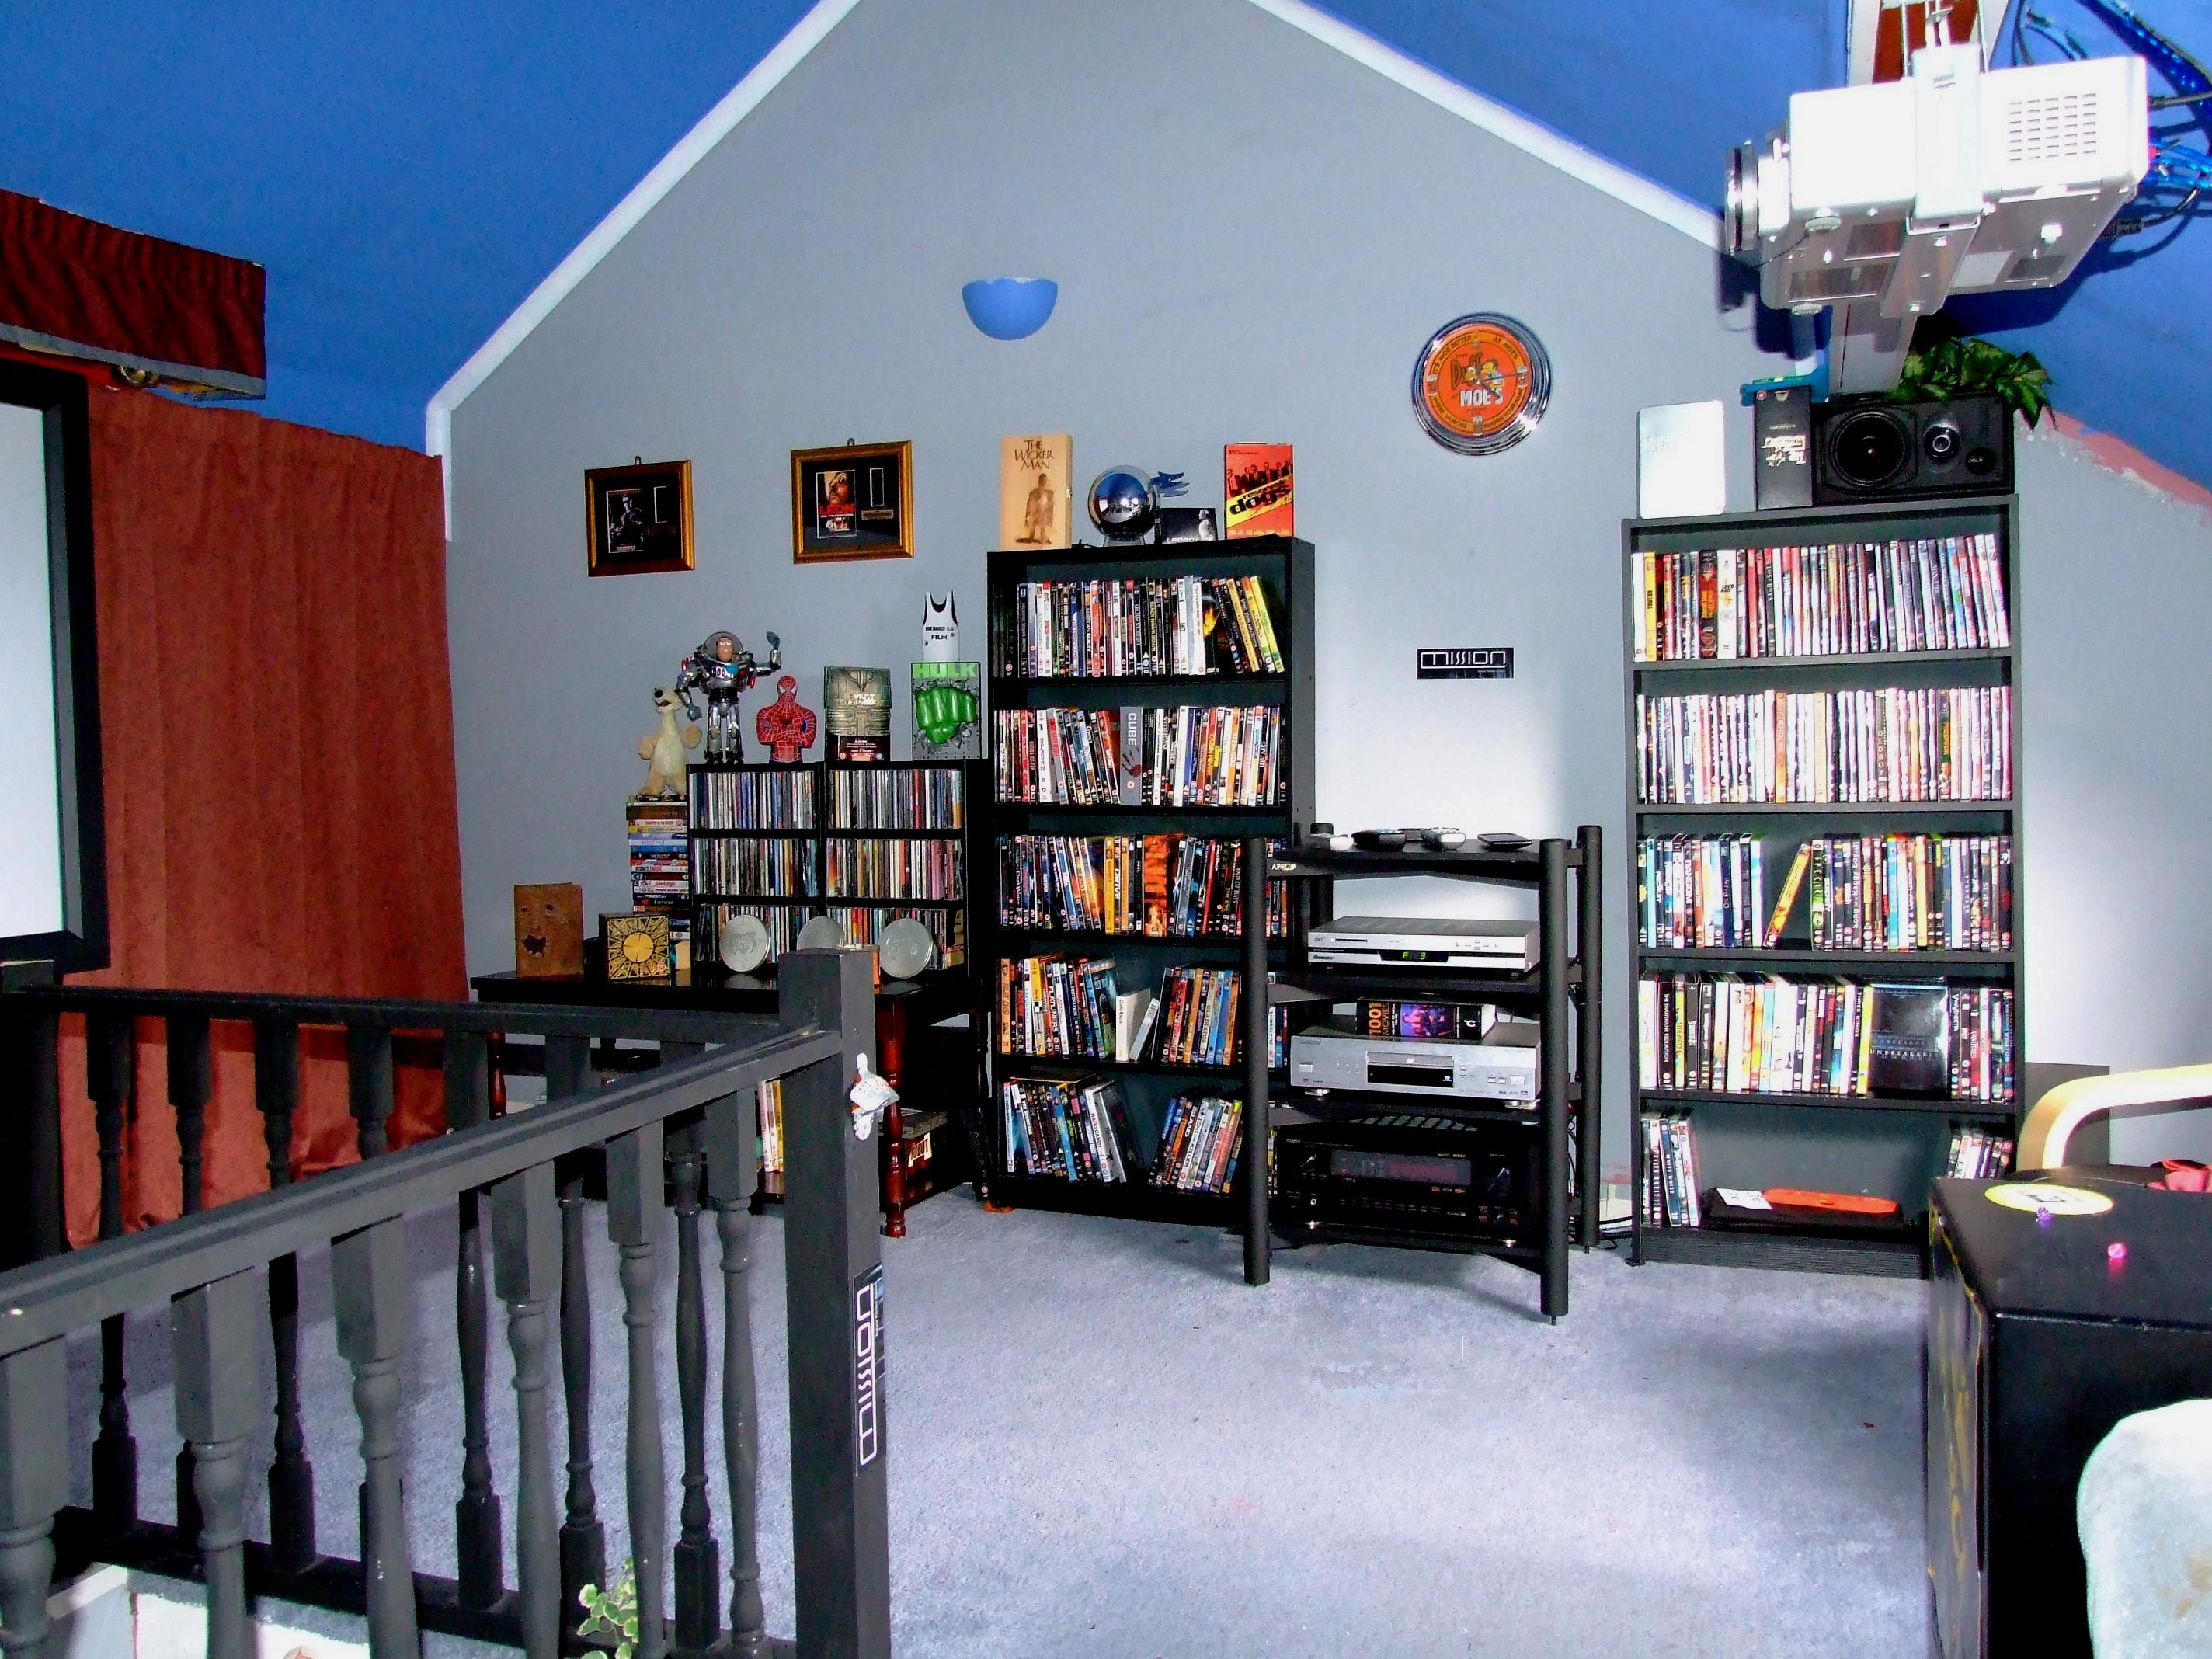 Woonkamer Met Bibliotheek : Gratis afbeeldingen : gebouw huis woonkamer meubilair kamer